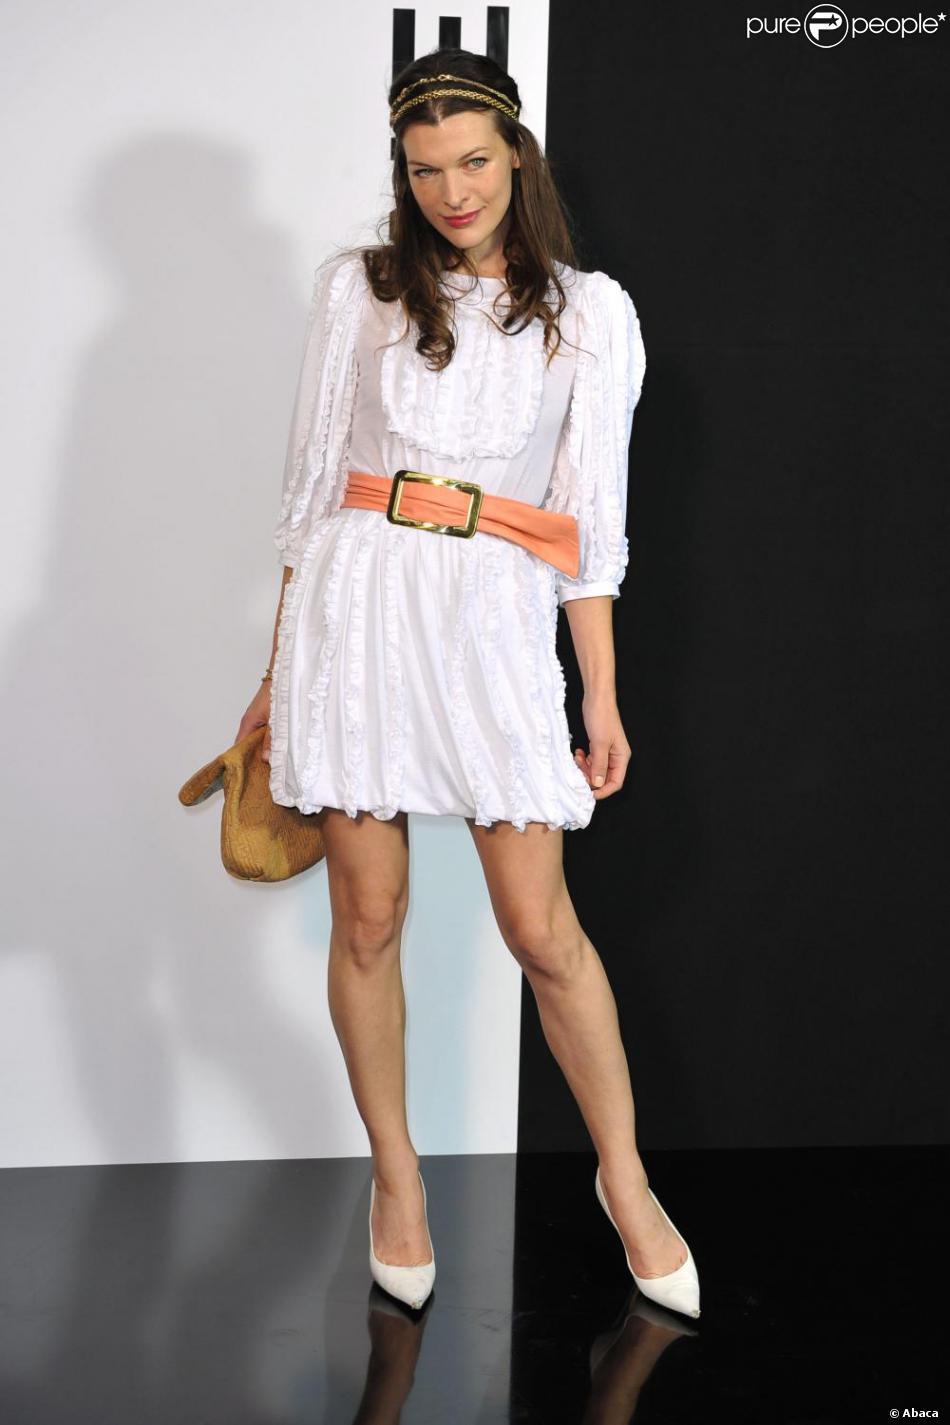 Milla jovovich en mode hippie chic le 10 mars au d fil - Mode hippie chic ...